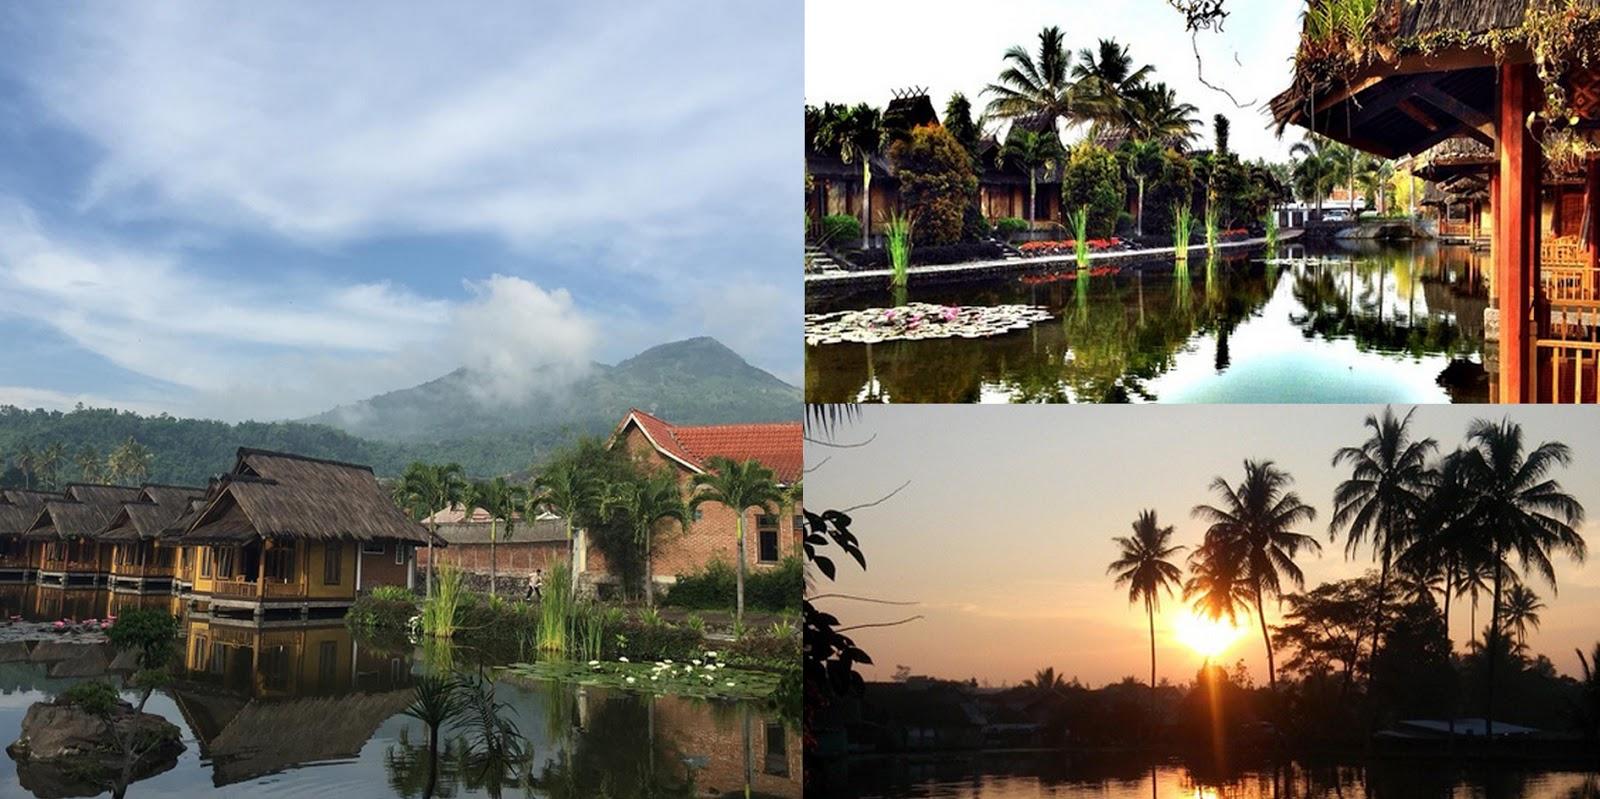 Banyu Alam Resort Hotel Penginapan Menawan Di Kaki Gunung Guntur